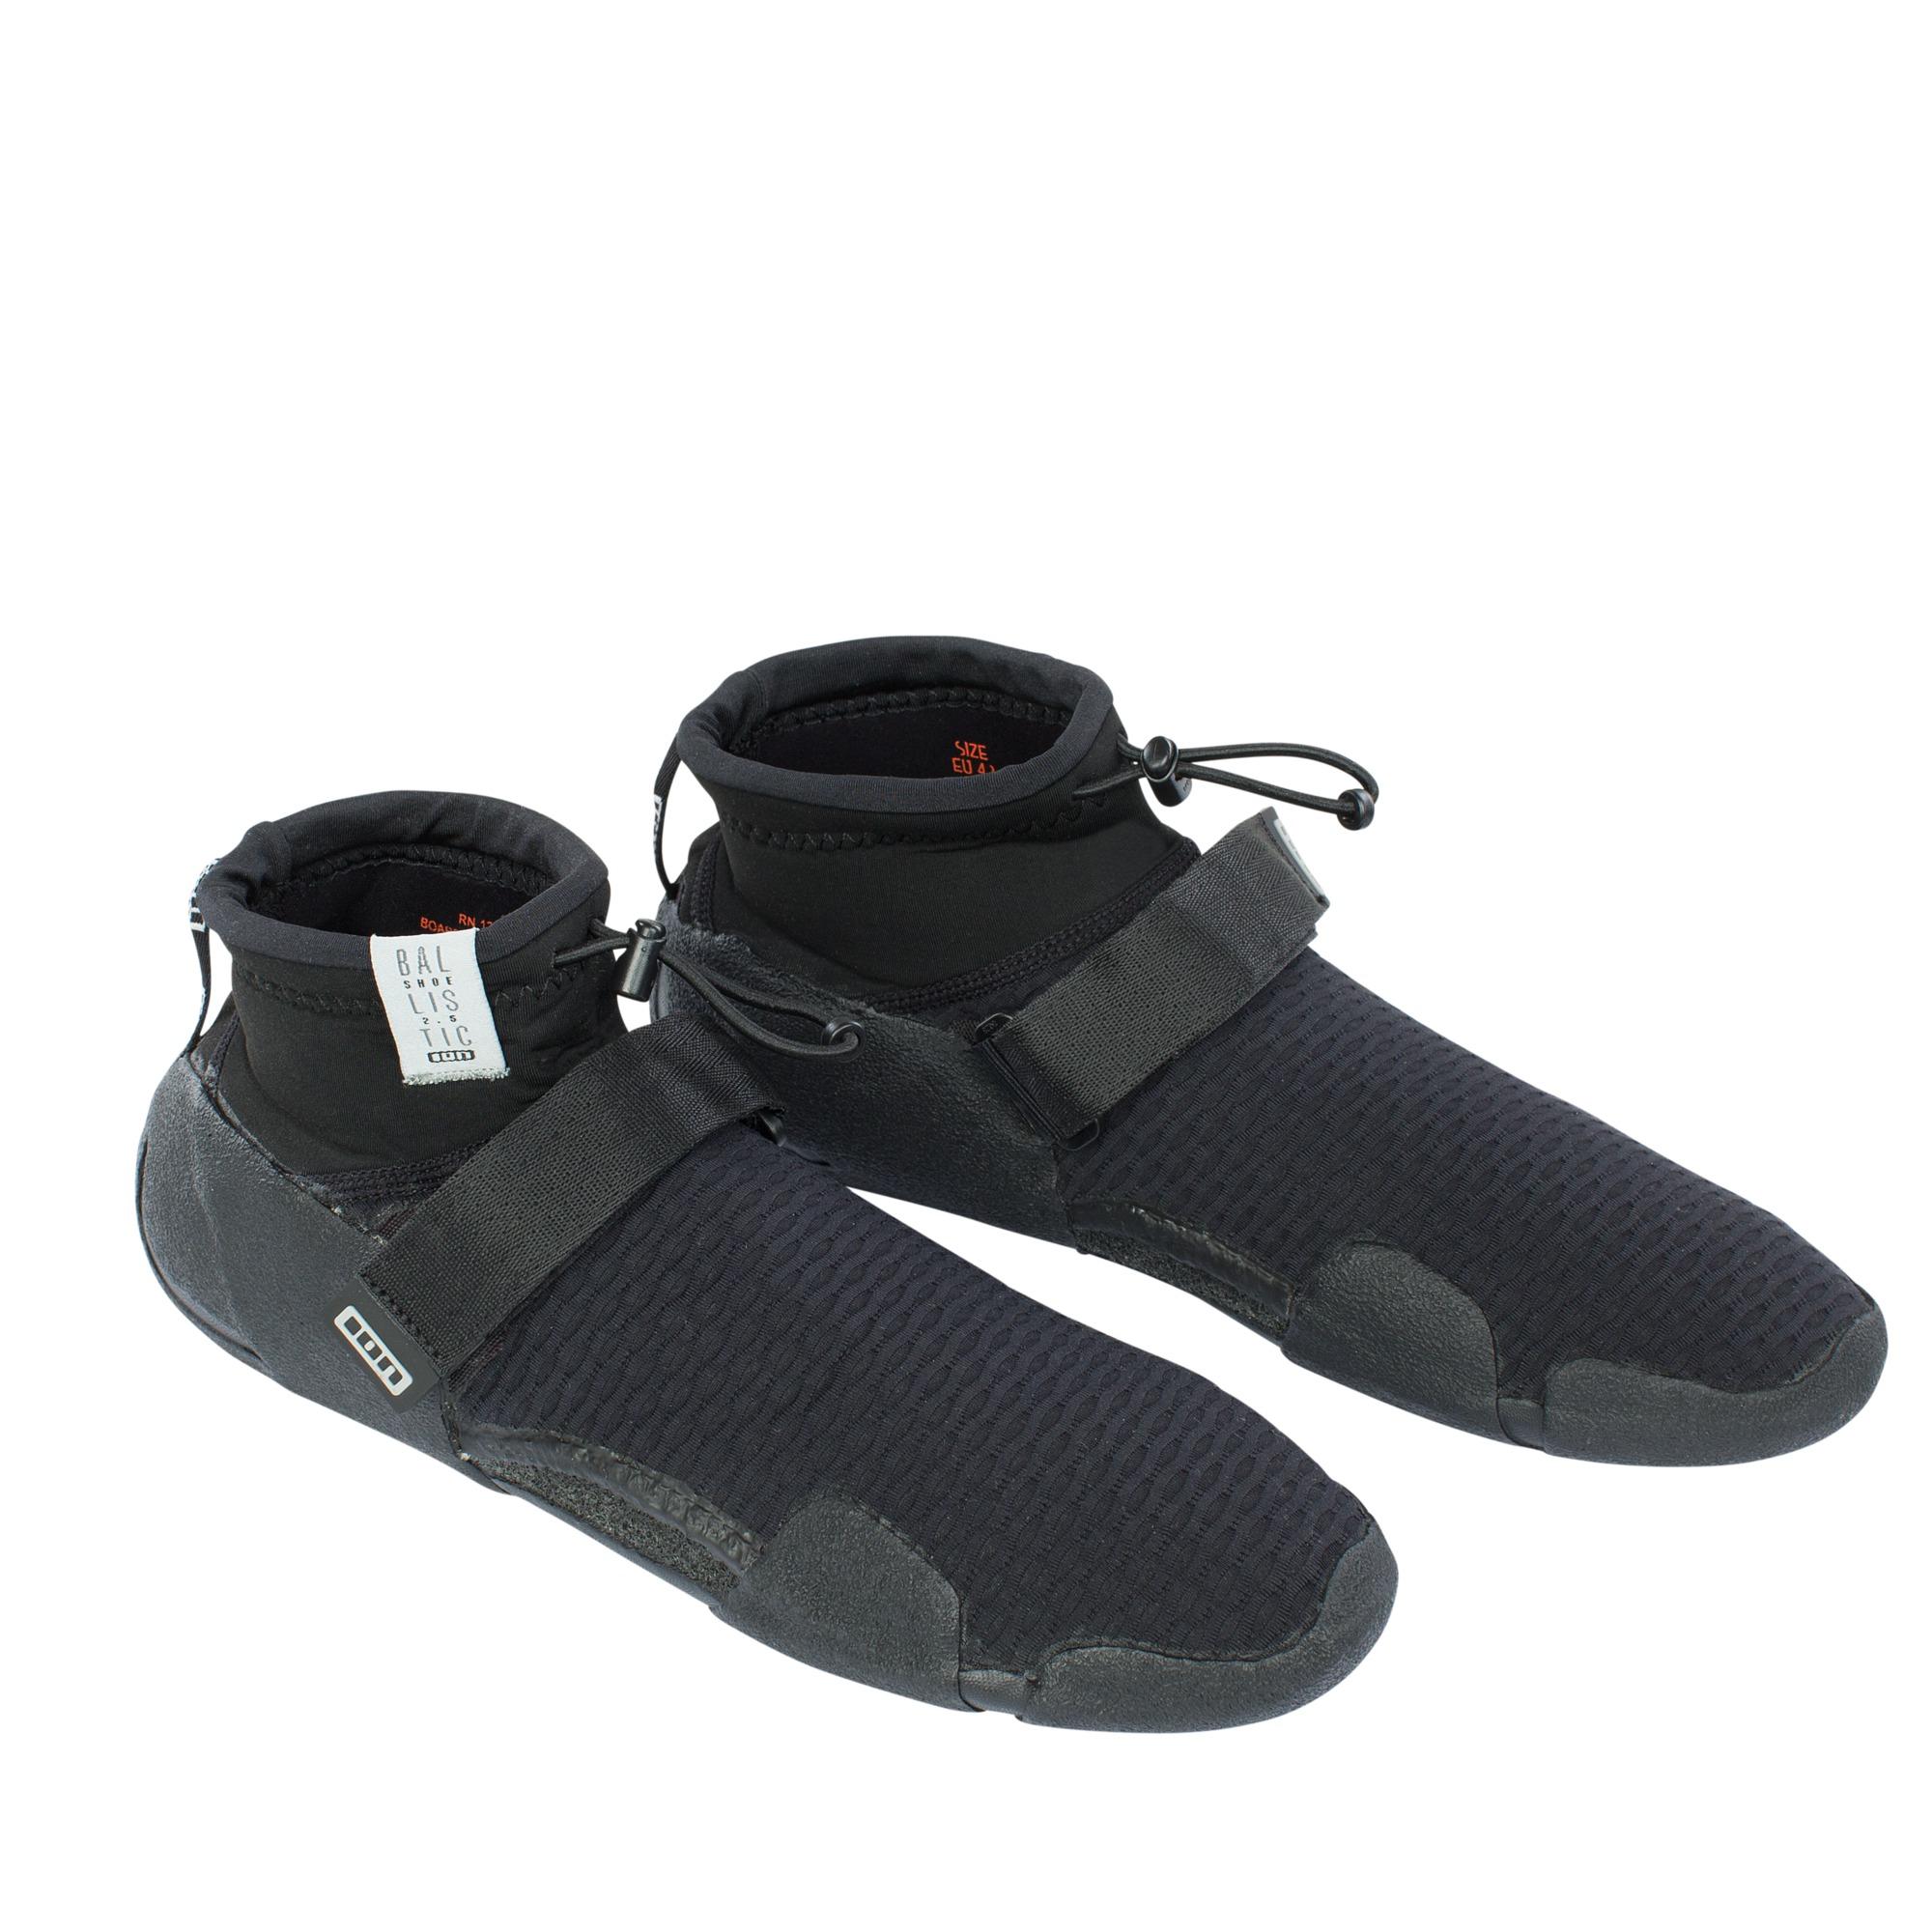 1b4230046f Ballistic shoes 2.5 RT